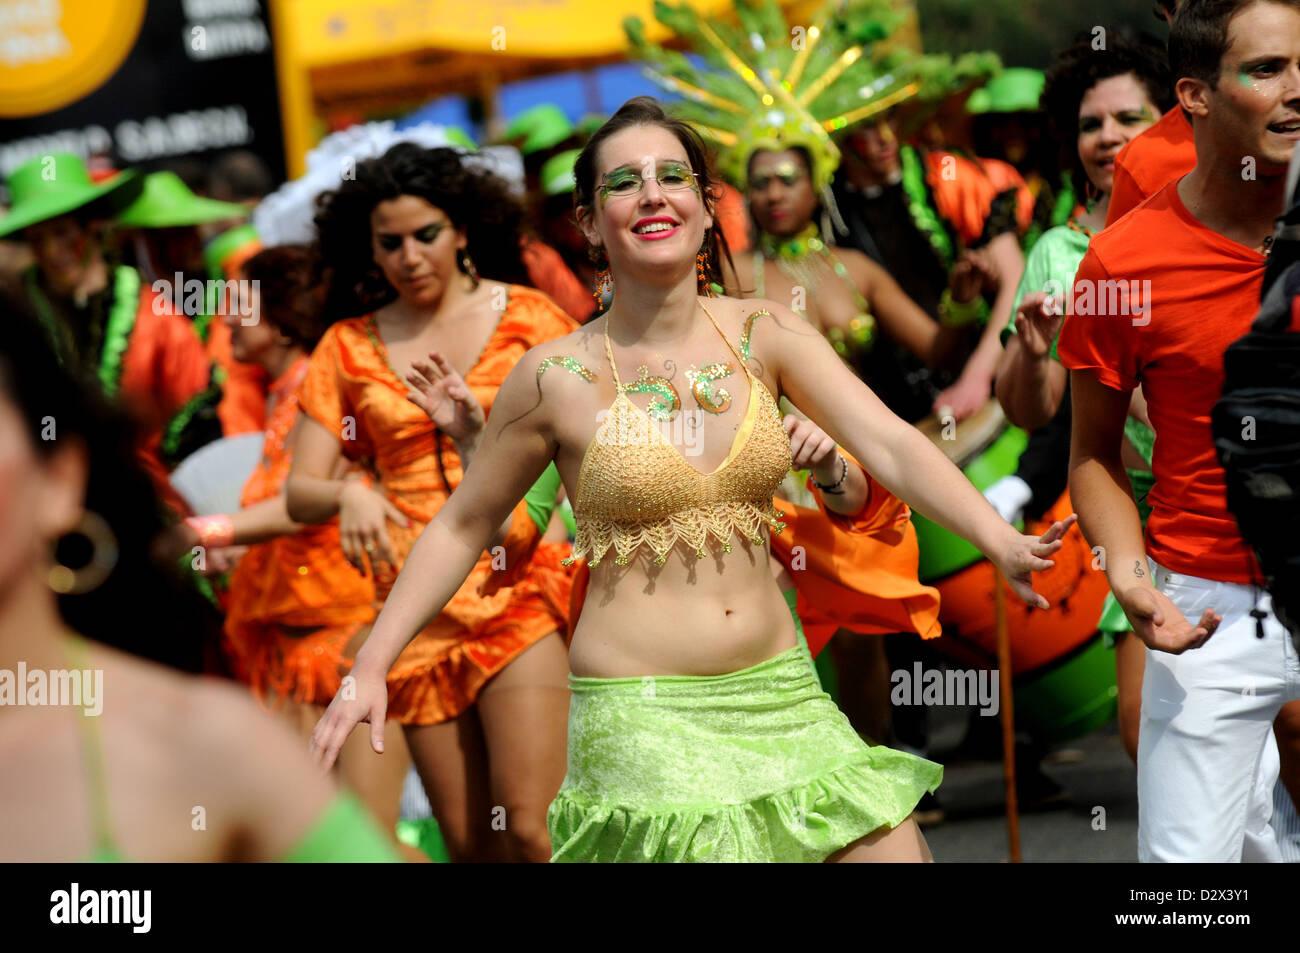 Berlín, Alemania, el bailarín en el Carnaval de las Culturas 2010 Imagen De Stock